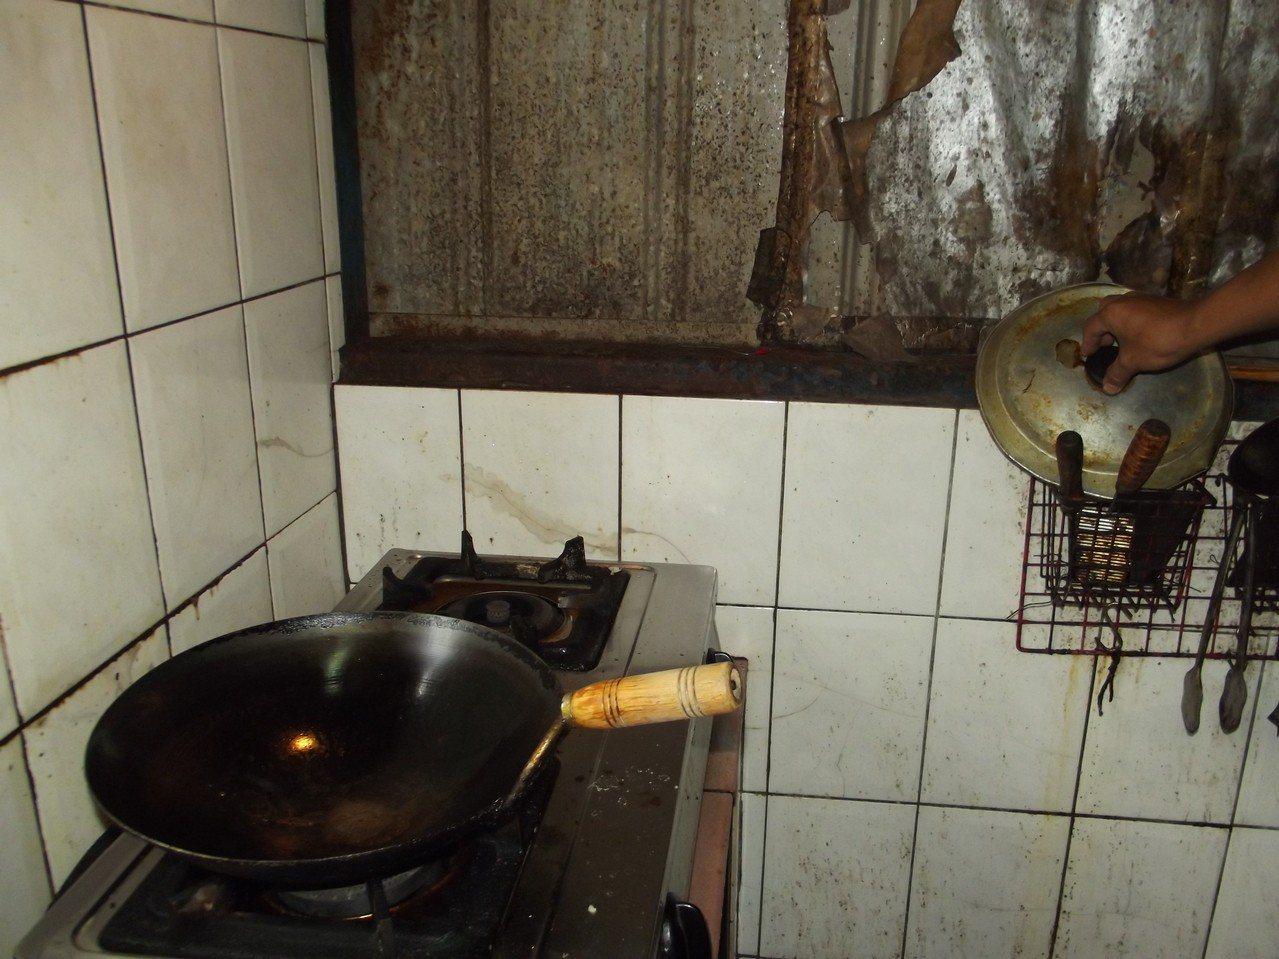 何姓村民在廚房拿鍋具就被電到,多年來也不敢用水清洗。記者謝恩得/攝影